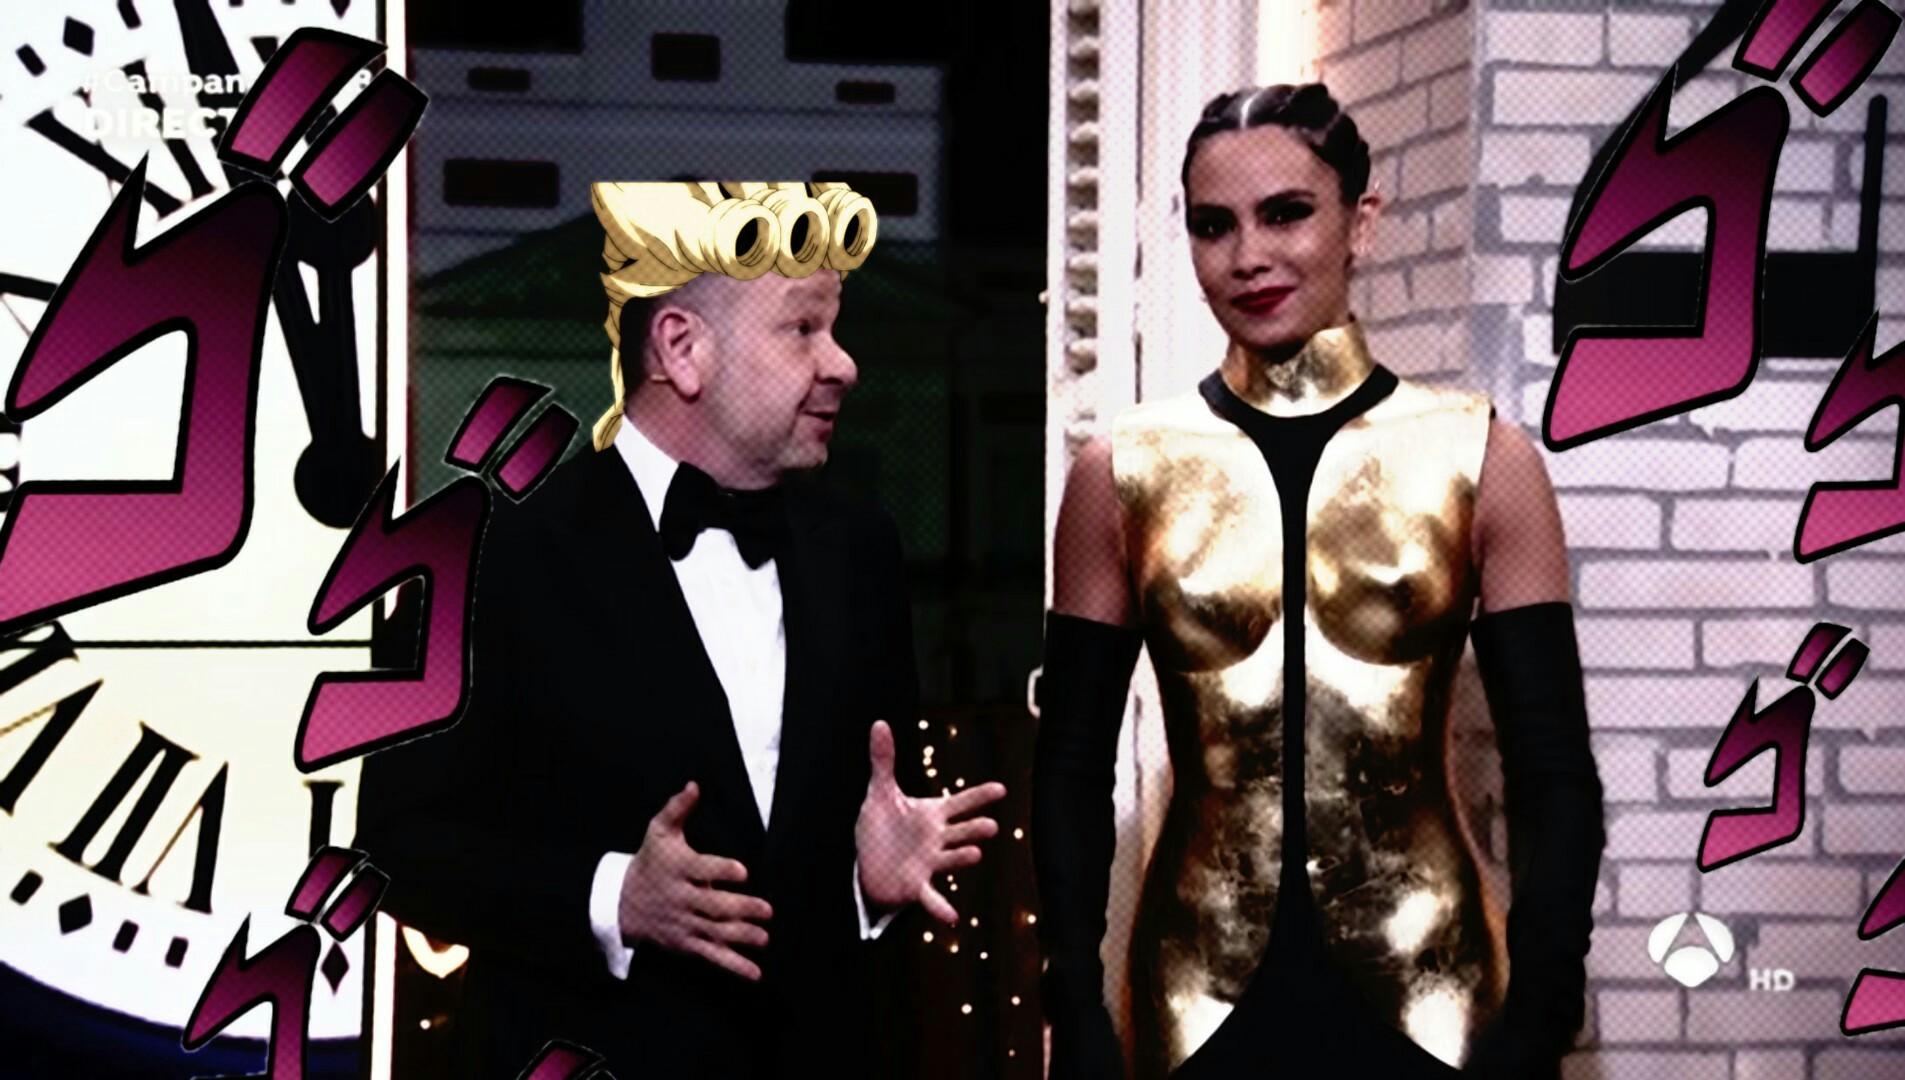 Cómo olvidar cuando Giorno Giovanna obtuvo a Golden Experience Requiem - meme